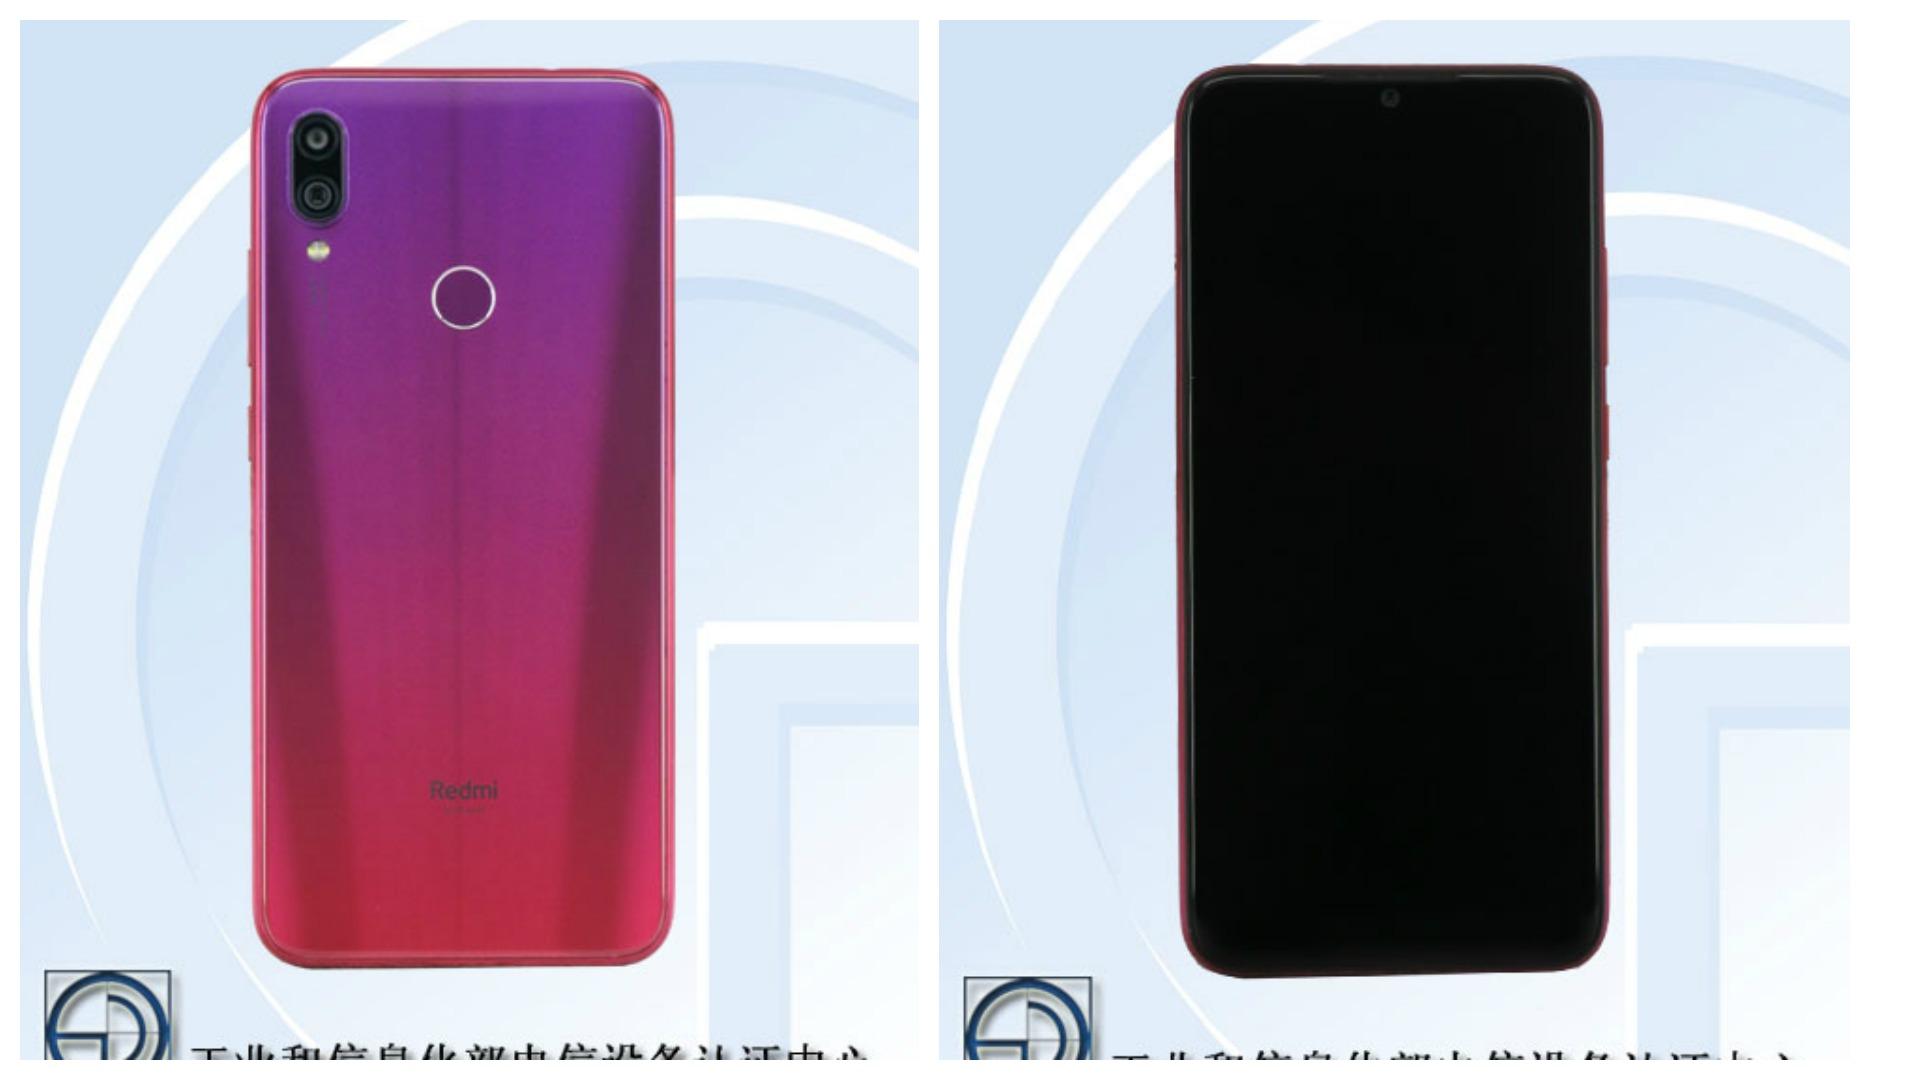 Xiaomi Redmi 7 : attendez-vous à une seconde version plus grande, plus puissante et plus chatoyante